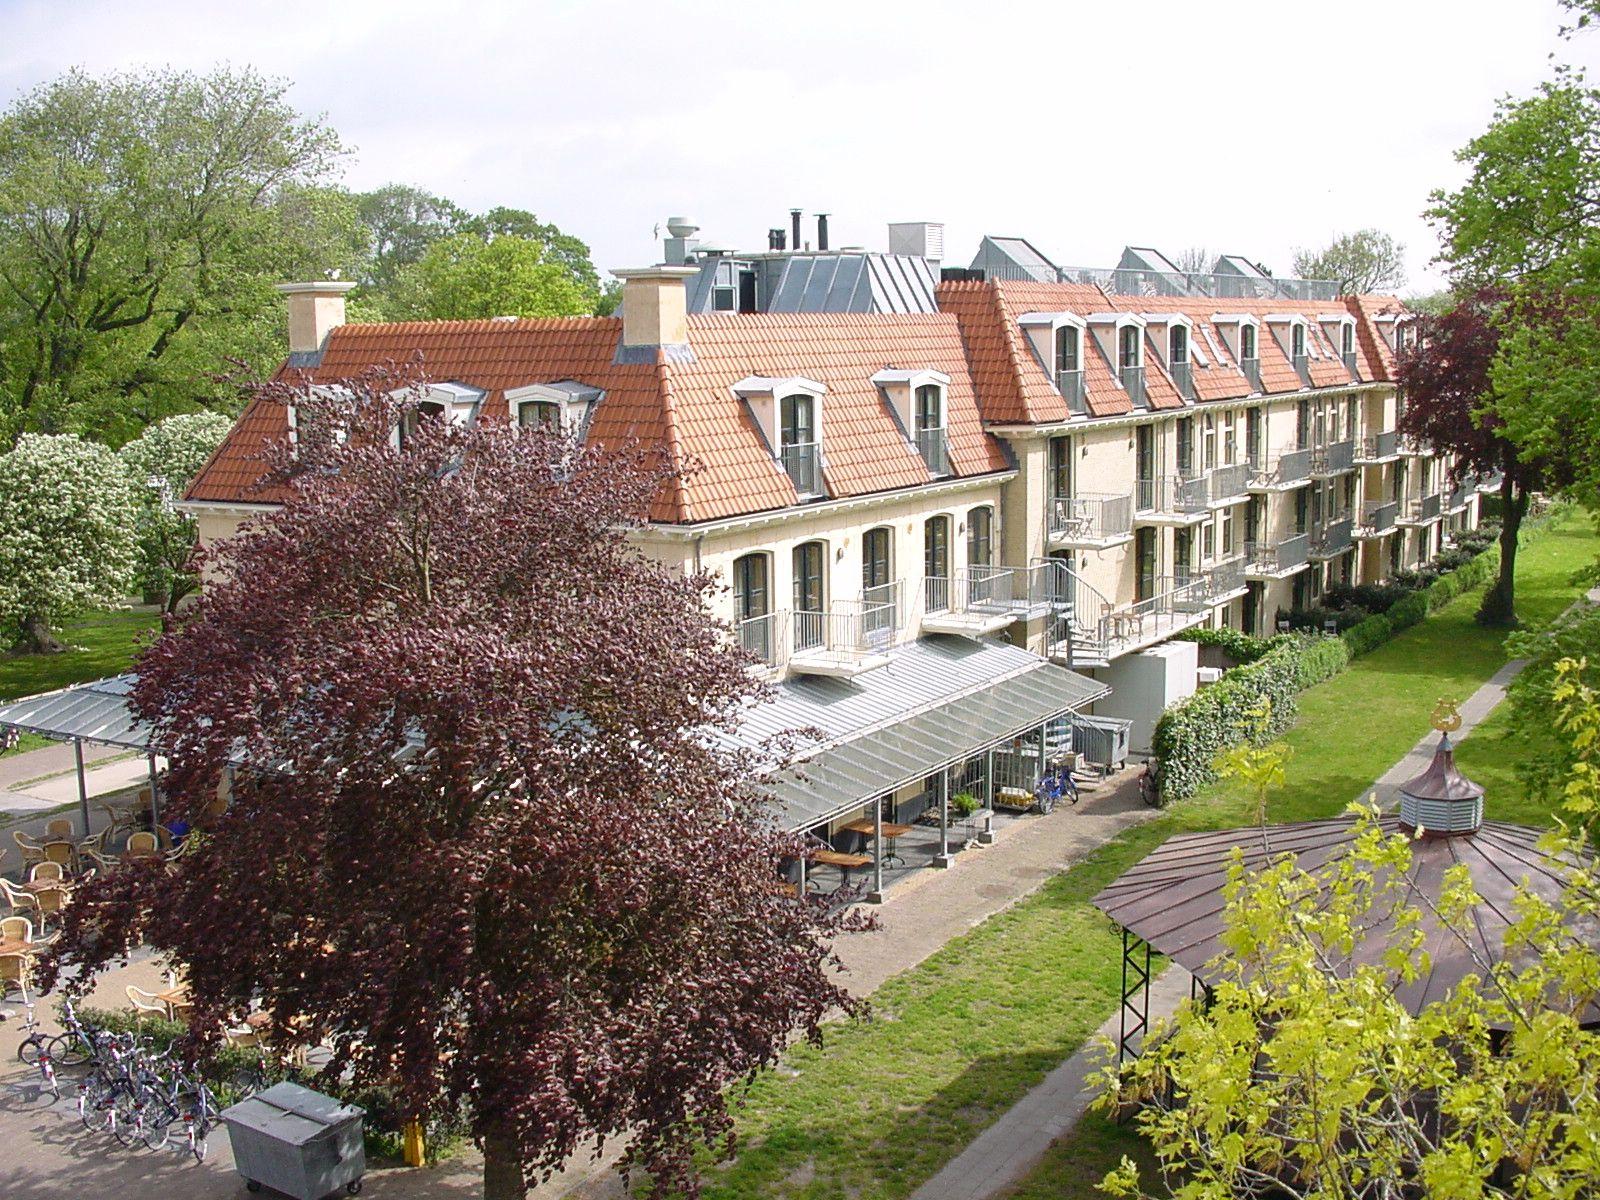 Hotel Bernstorff by Harryvan exterieur